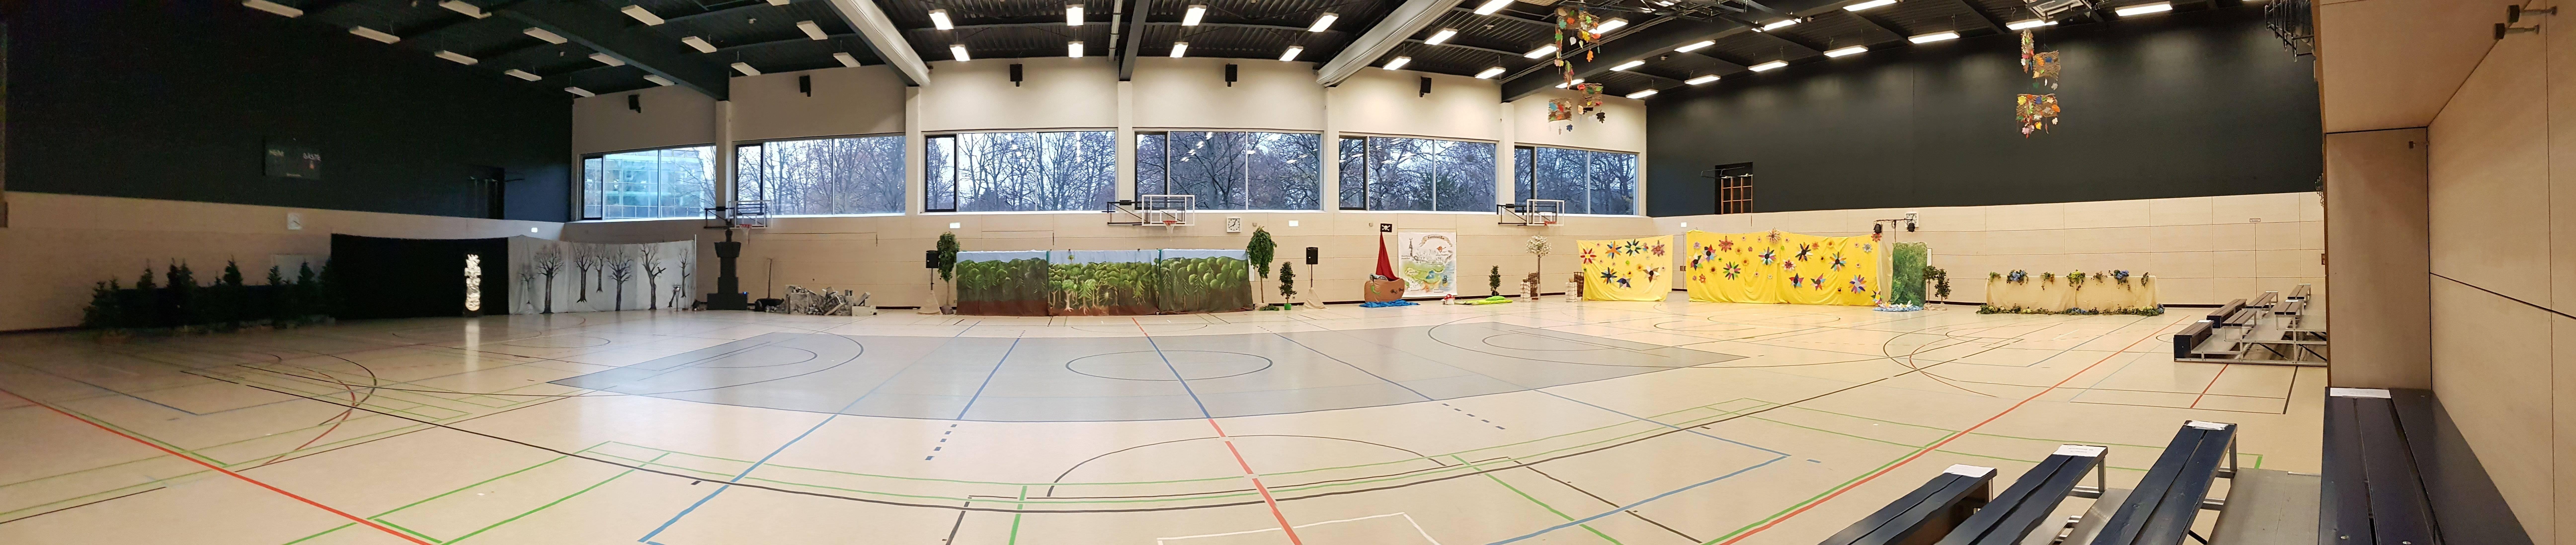 Veranstaltungsort Turnhalle Bürgerwiese